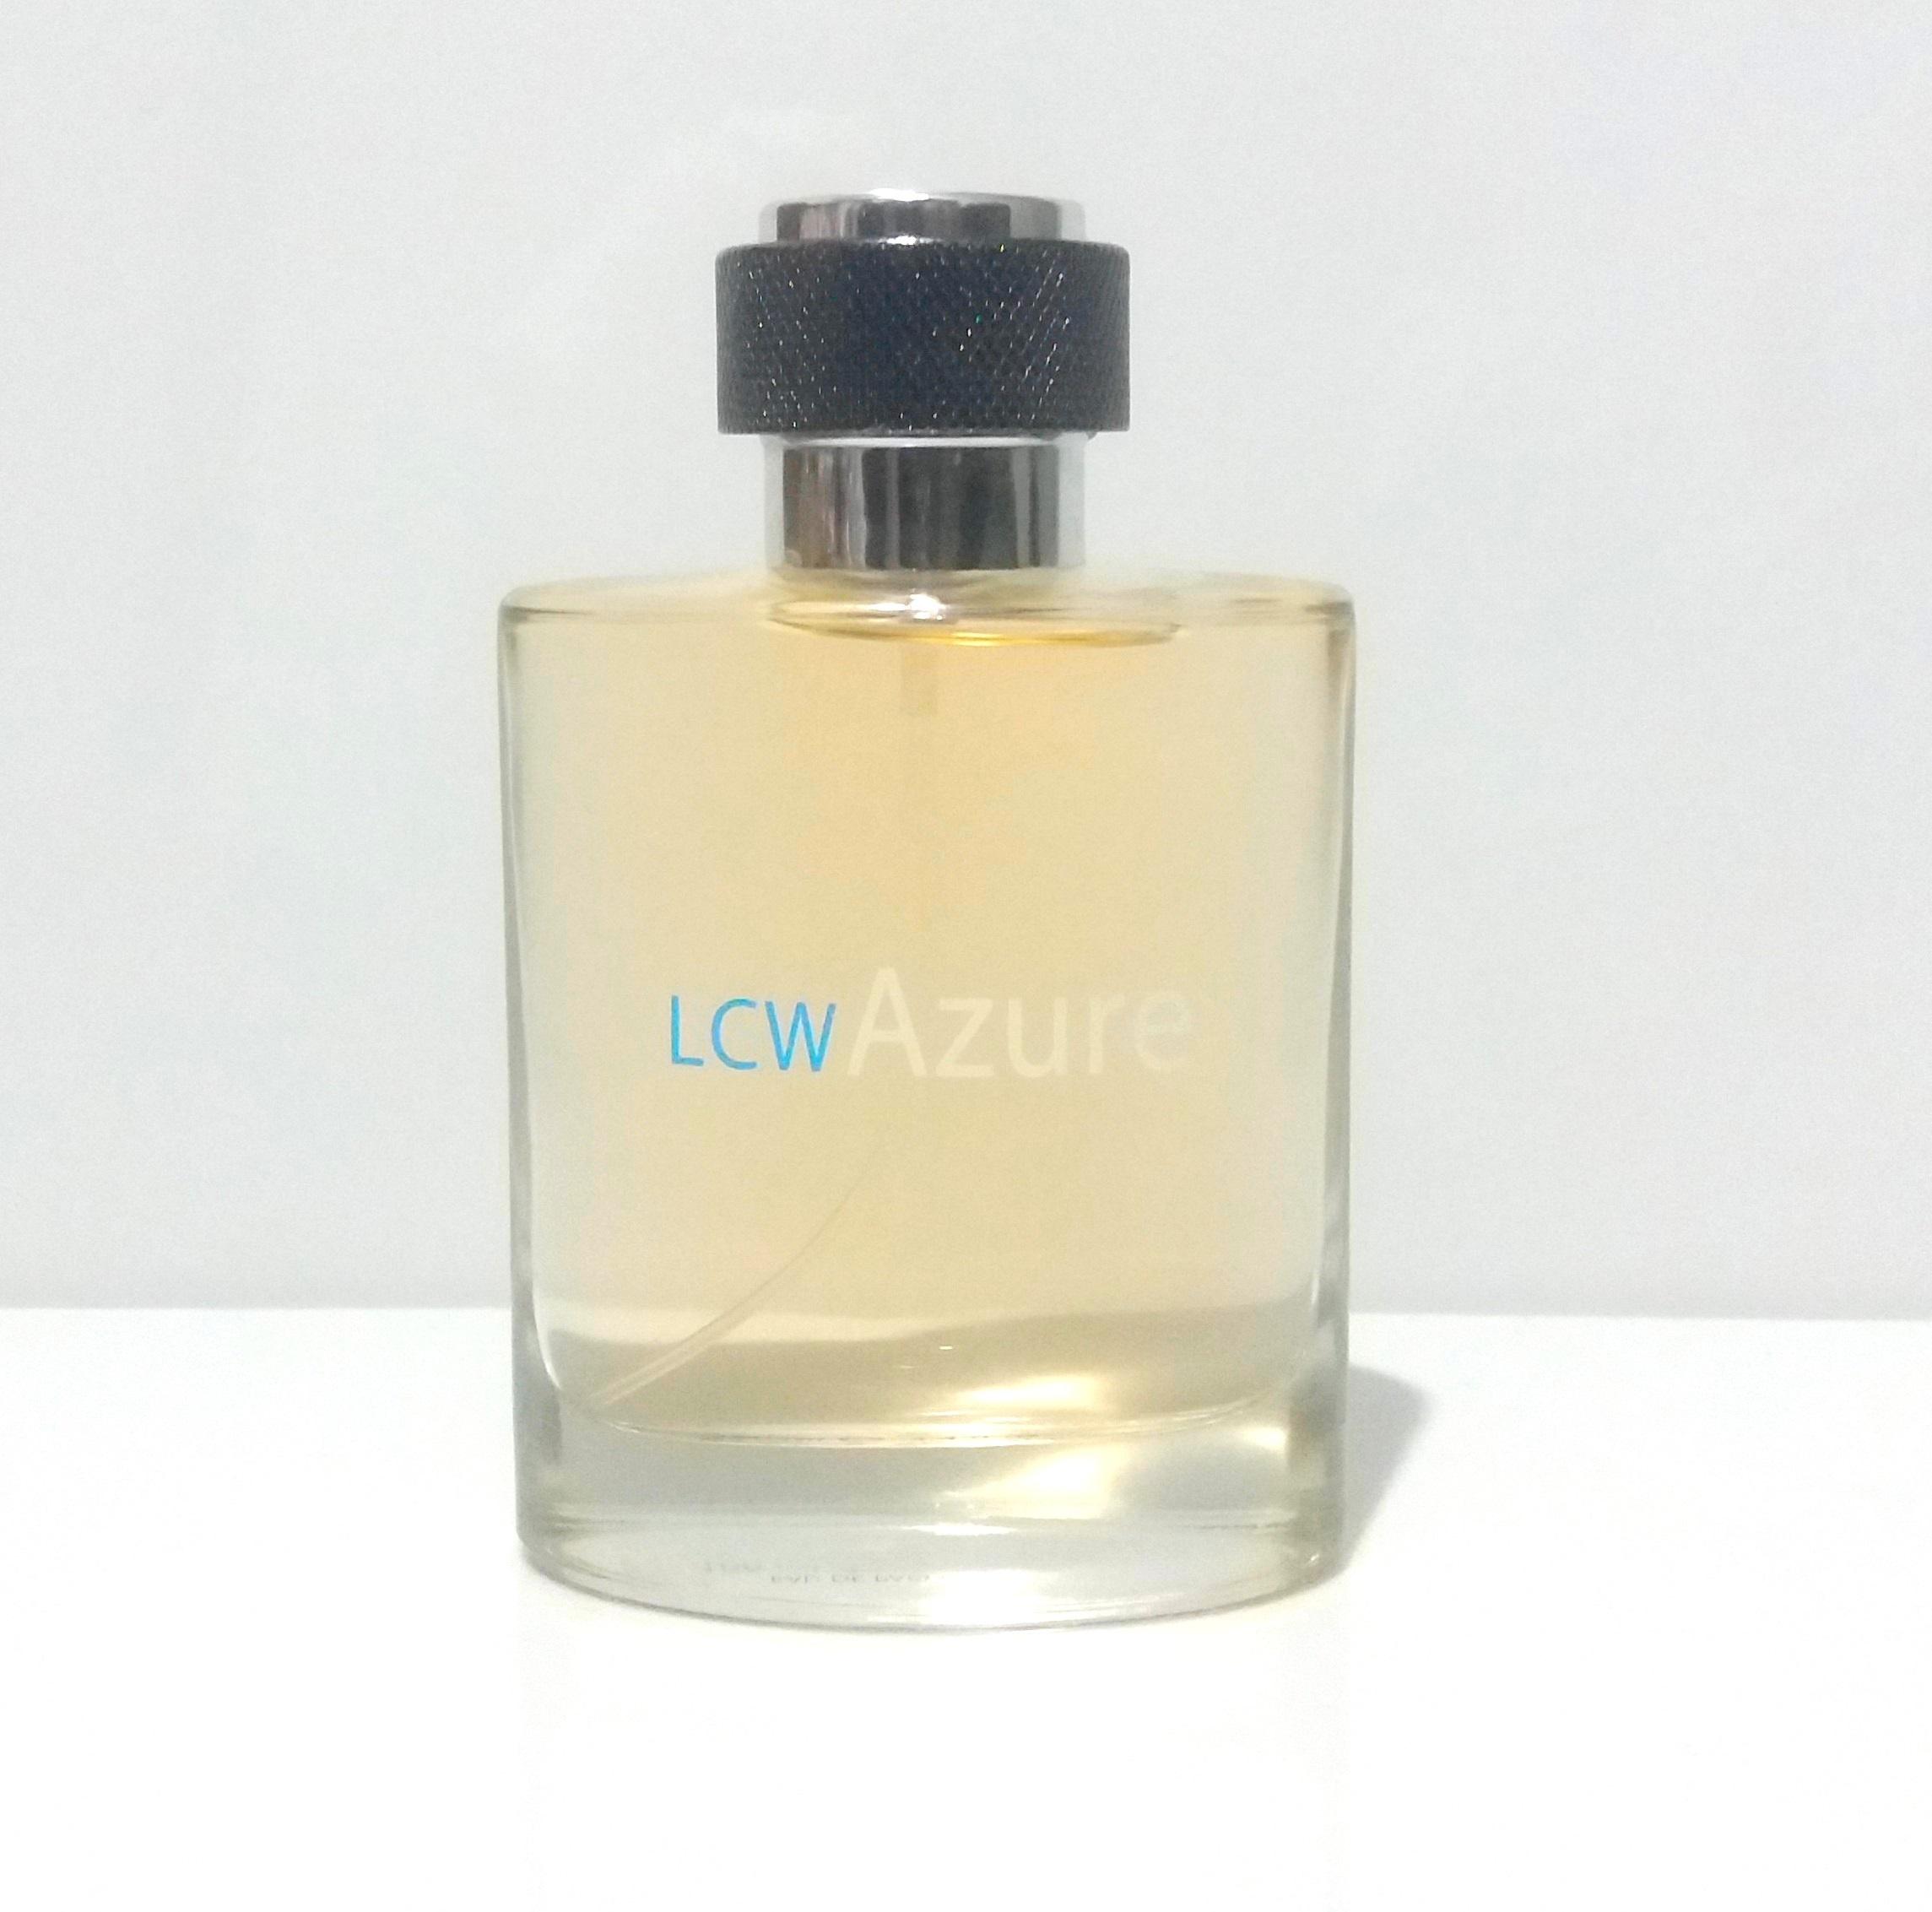 ادوپرفیوم مردانه LCW AZURE حجم 100 میل